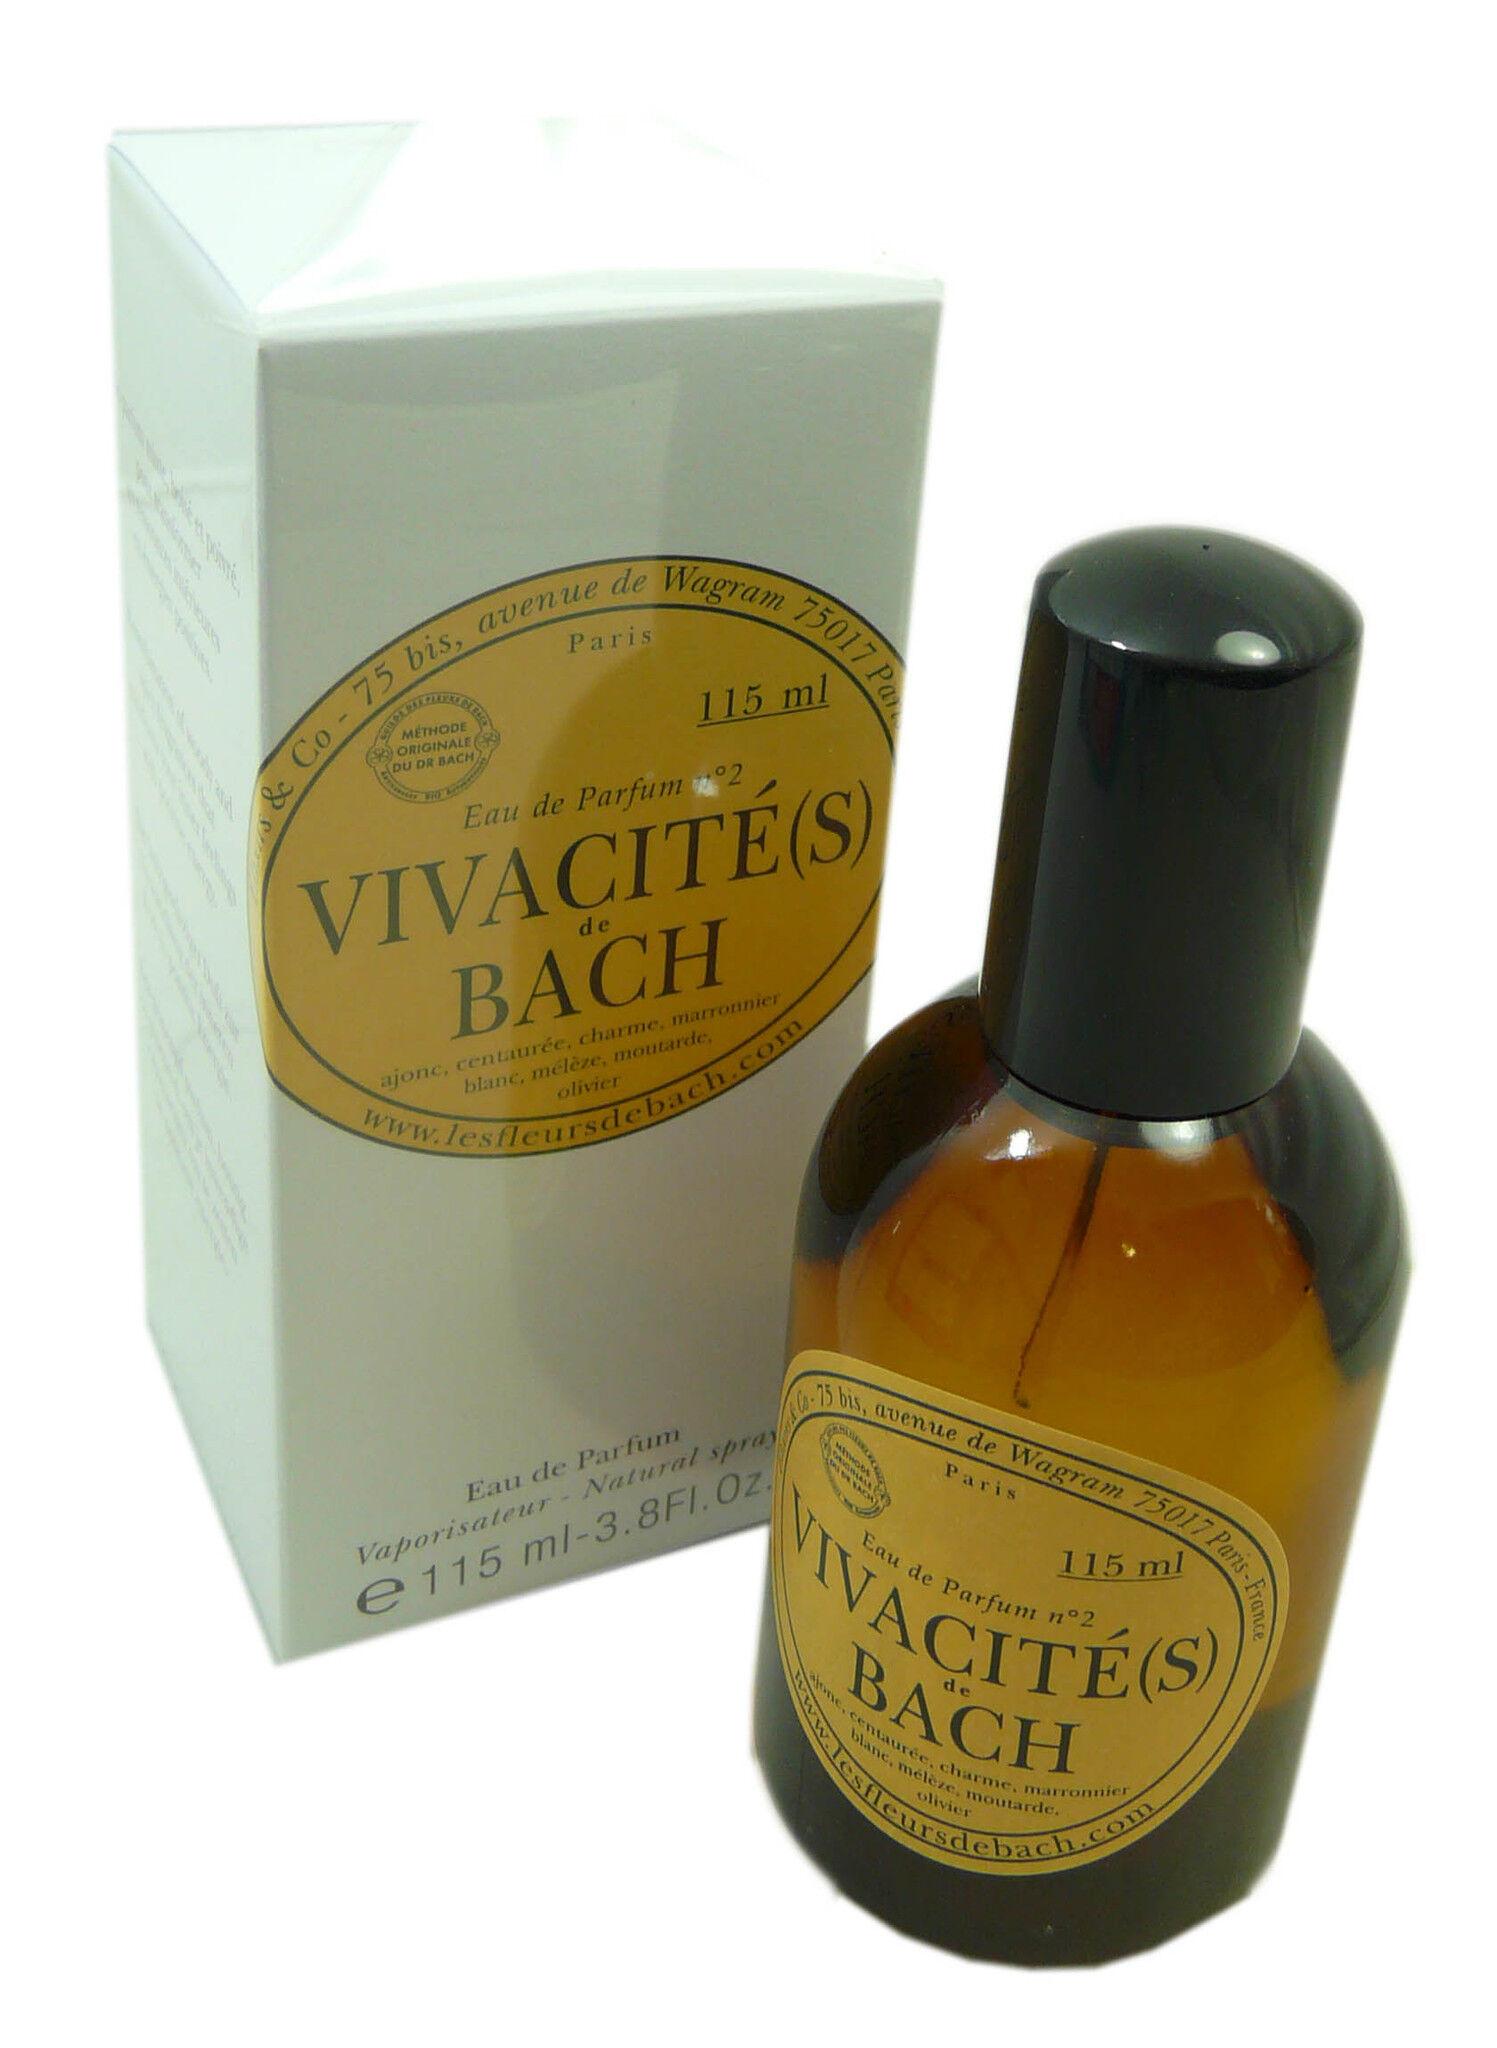 Elixirs & co fleurs de bach eau de parfum vivacite  115ml